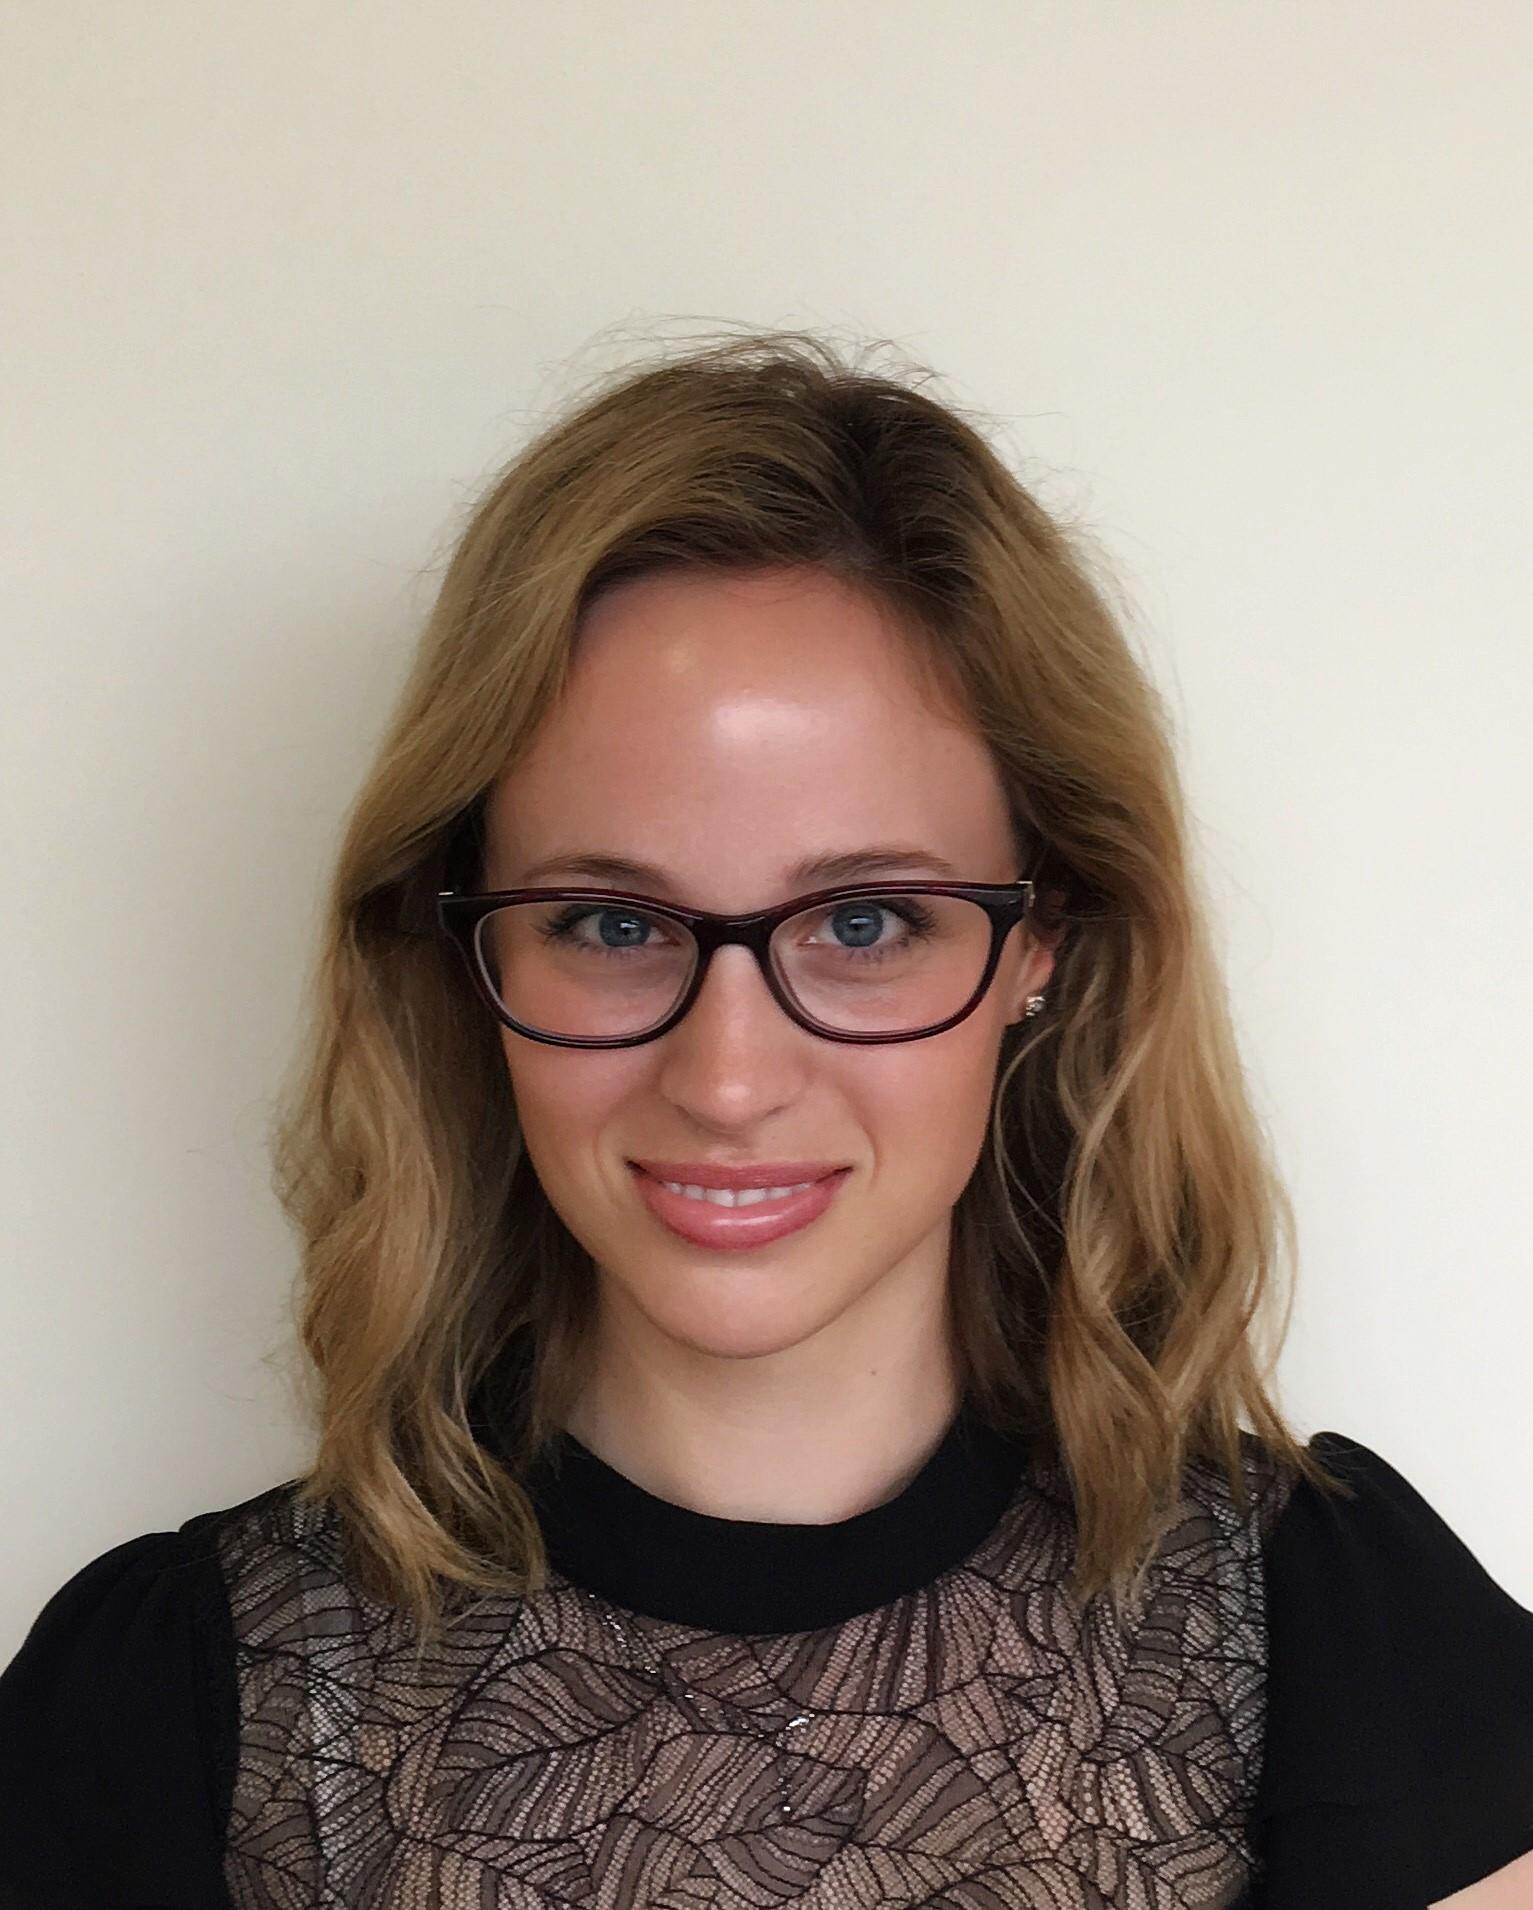 Olivia Yates